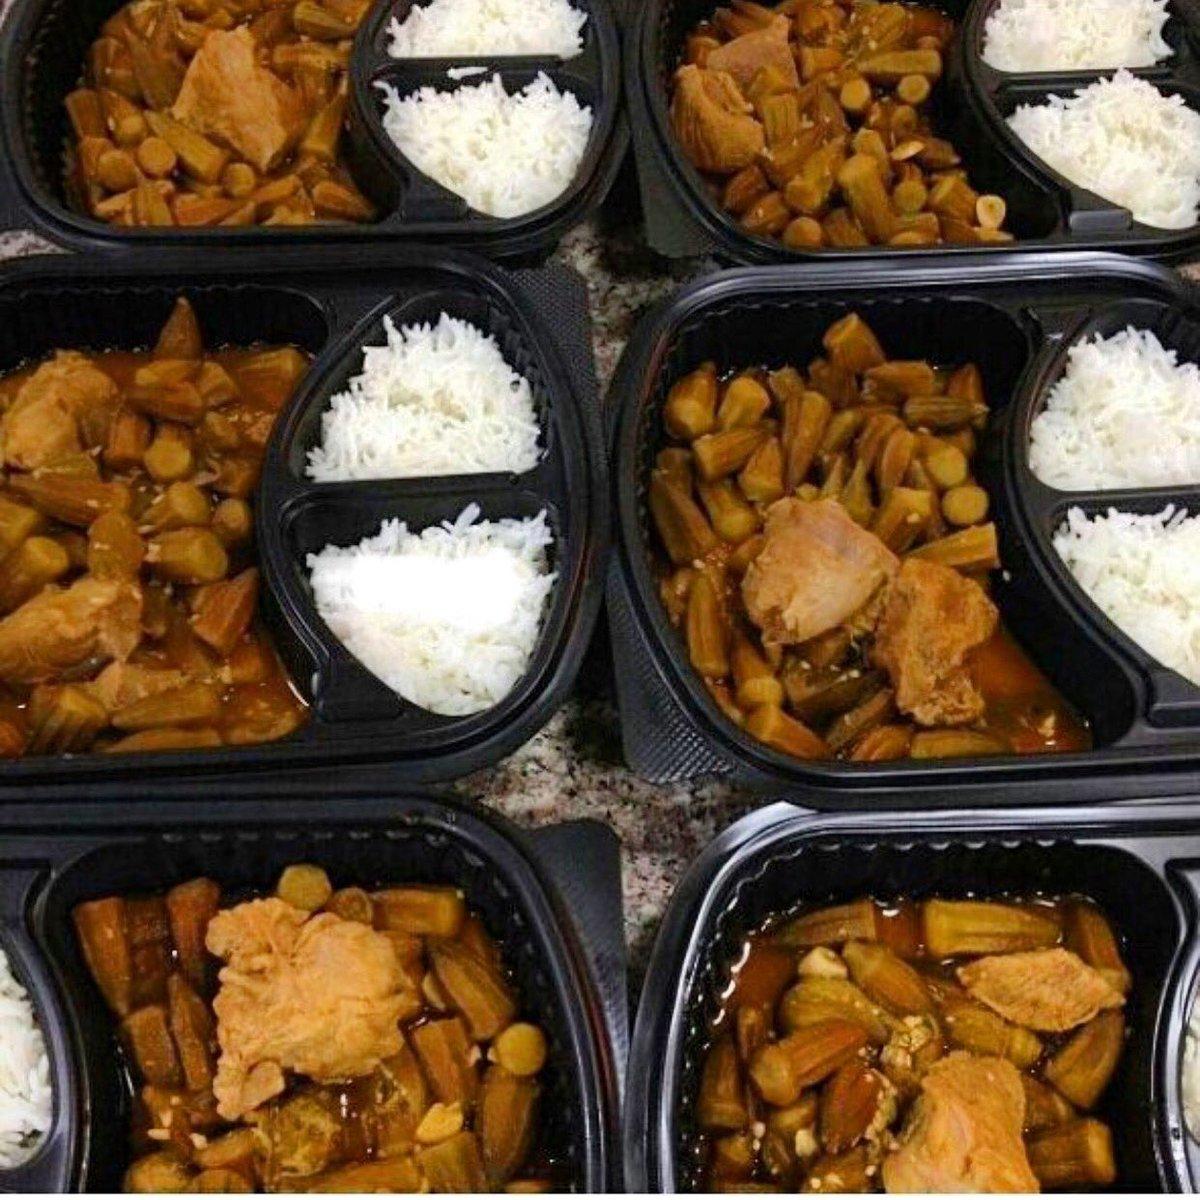 بالصور وجبات دايت , اغذيه لانقاص الوزن 4845 2